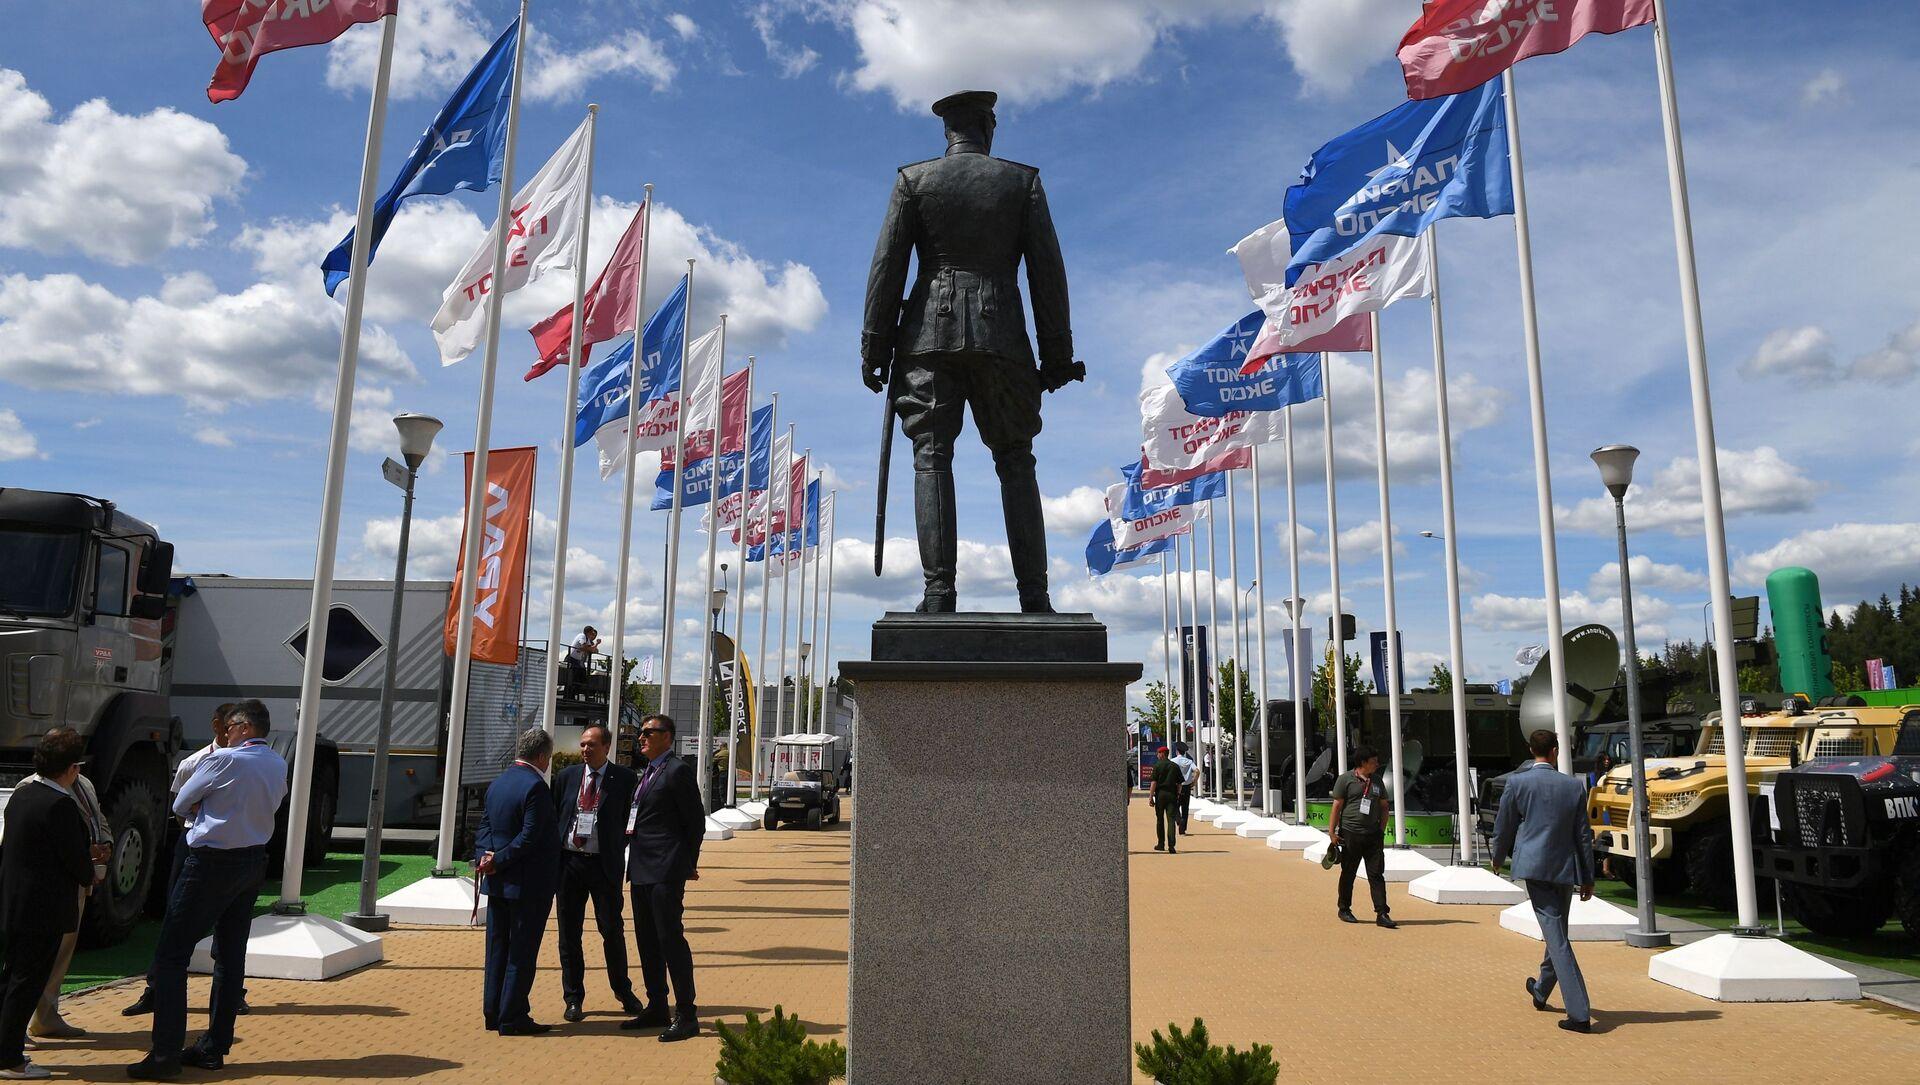 Tượng đài Nguyên soái Liên Xô G. K. Zhukov tại Diễn đàn Kỹ thuật-Quân sự Quốc tế Army-2019 - Sputnik Việt Nam, 1920, 14.08.2021